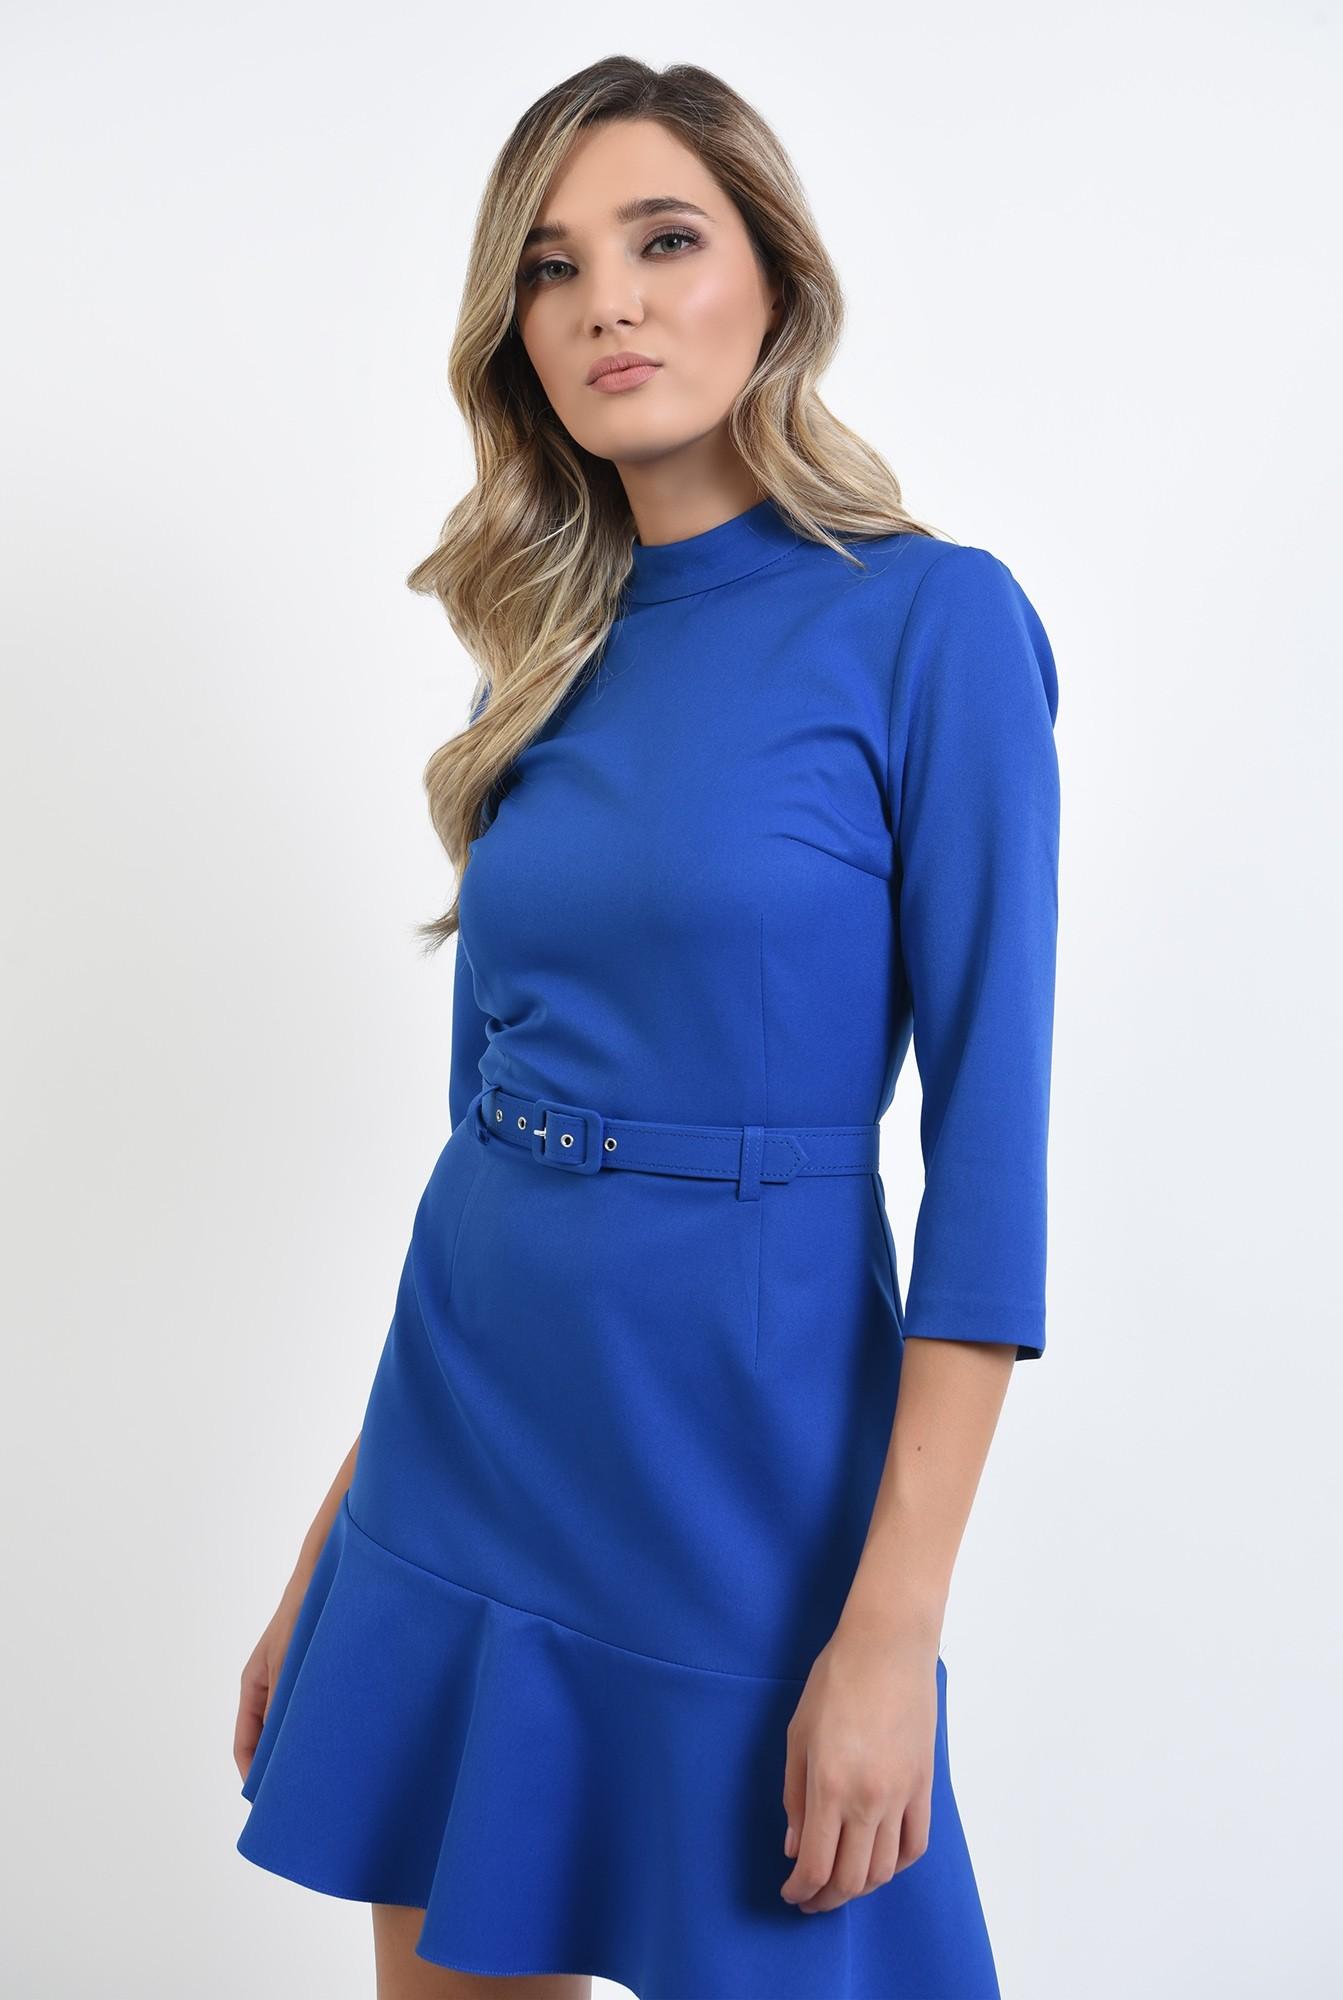 0 - 360 - rochie mini, albastra, cu volan, cu guler inalt